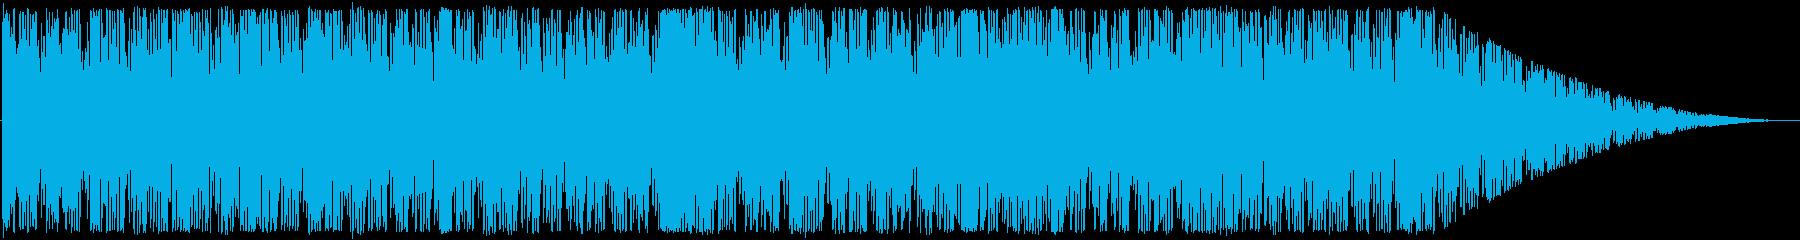 アップテンポ、短ループ曲。の再生済みの波形